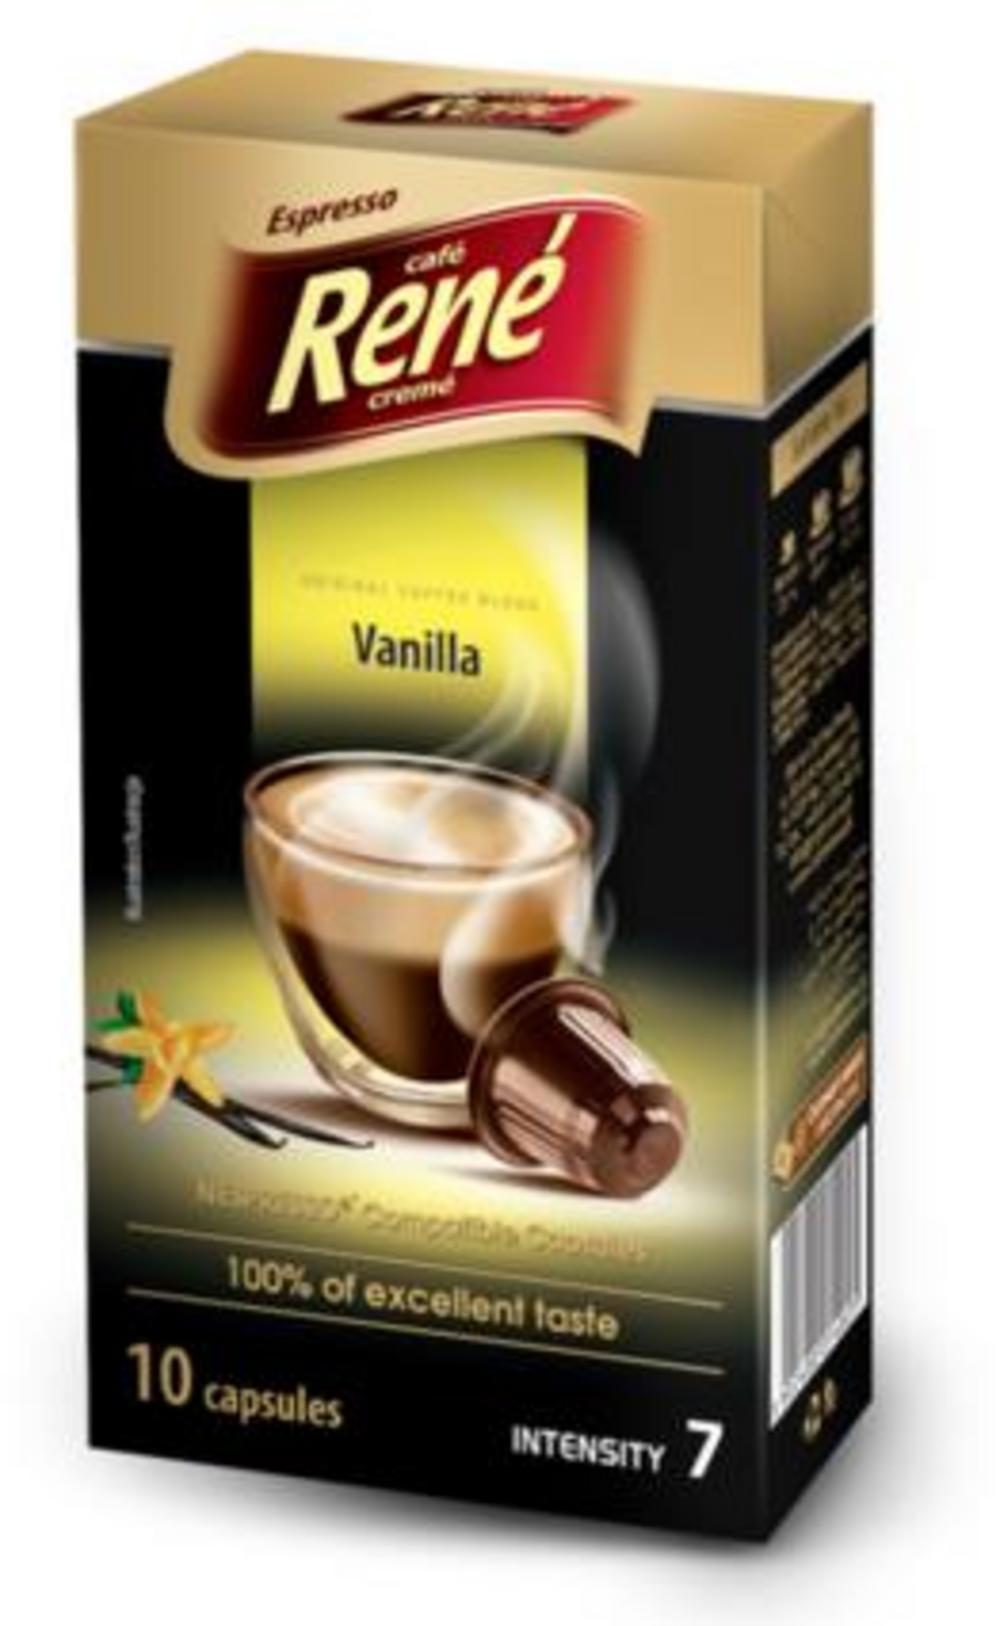 Café Rene Nespresso Compatible Capsules - Vanilla 10 Capsules